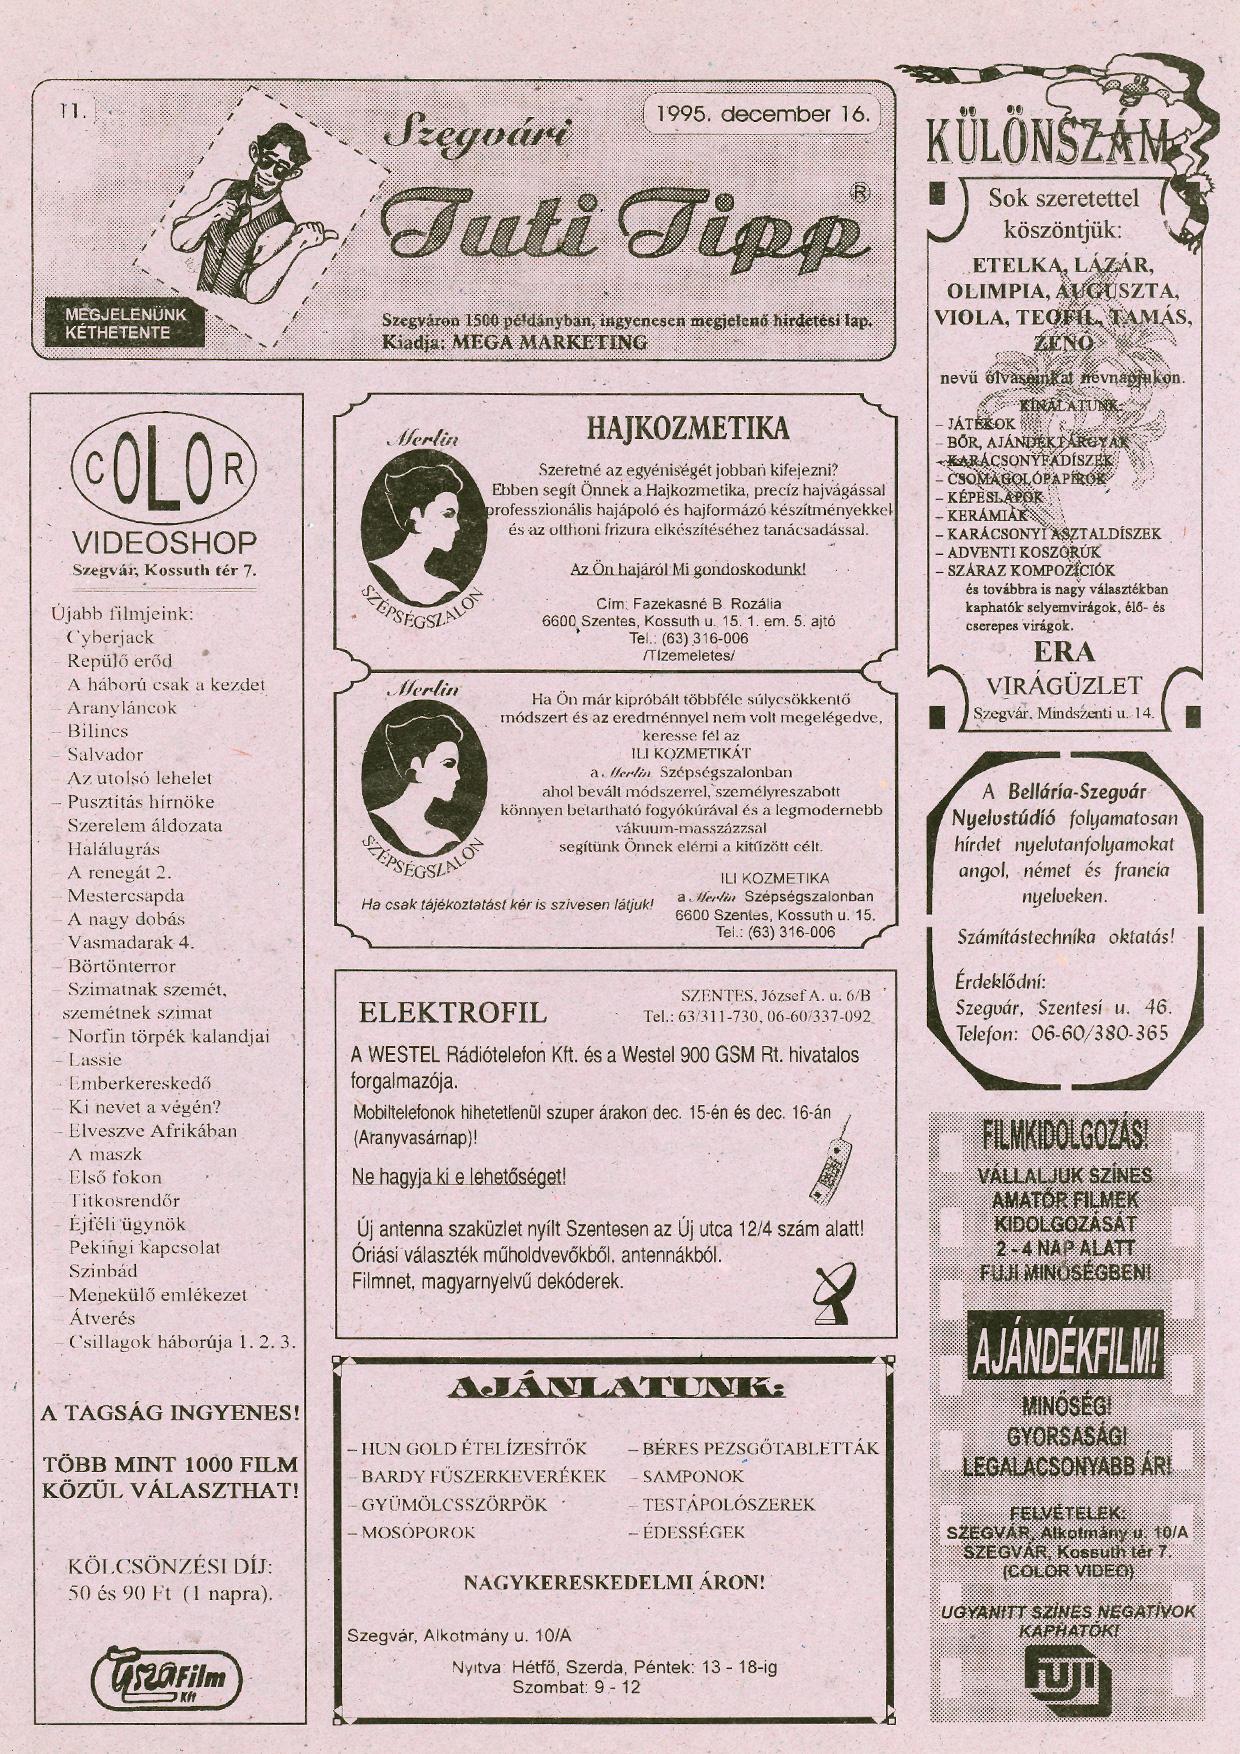 023 Szegvári Tuti Tipp reklámújság - 19951216-011. lapszám -1.oldal - I. évfolyam.jpg